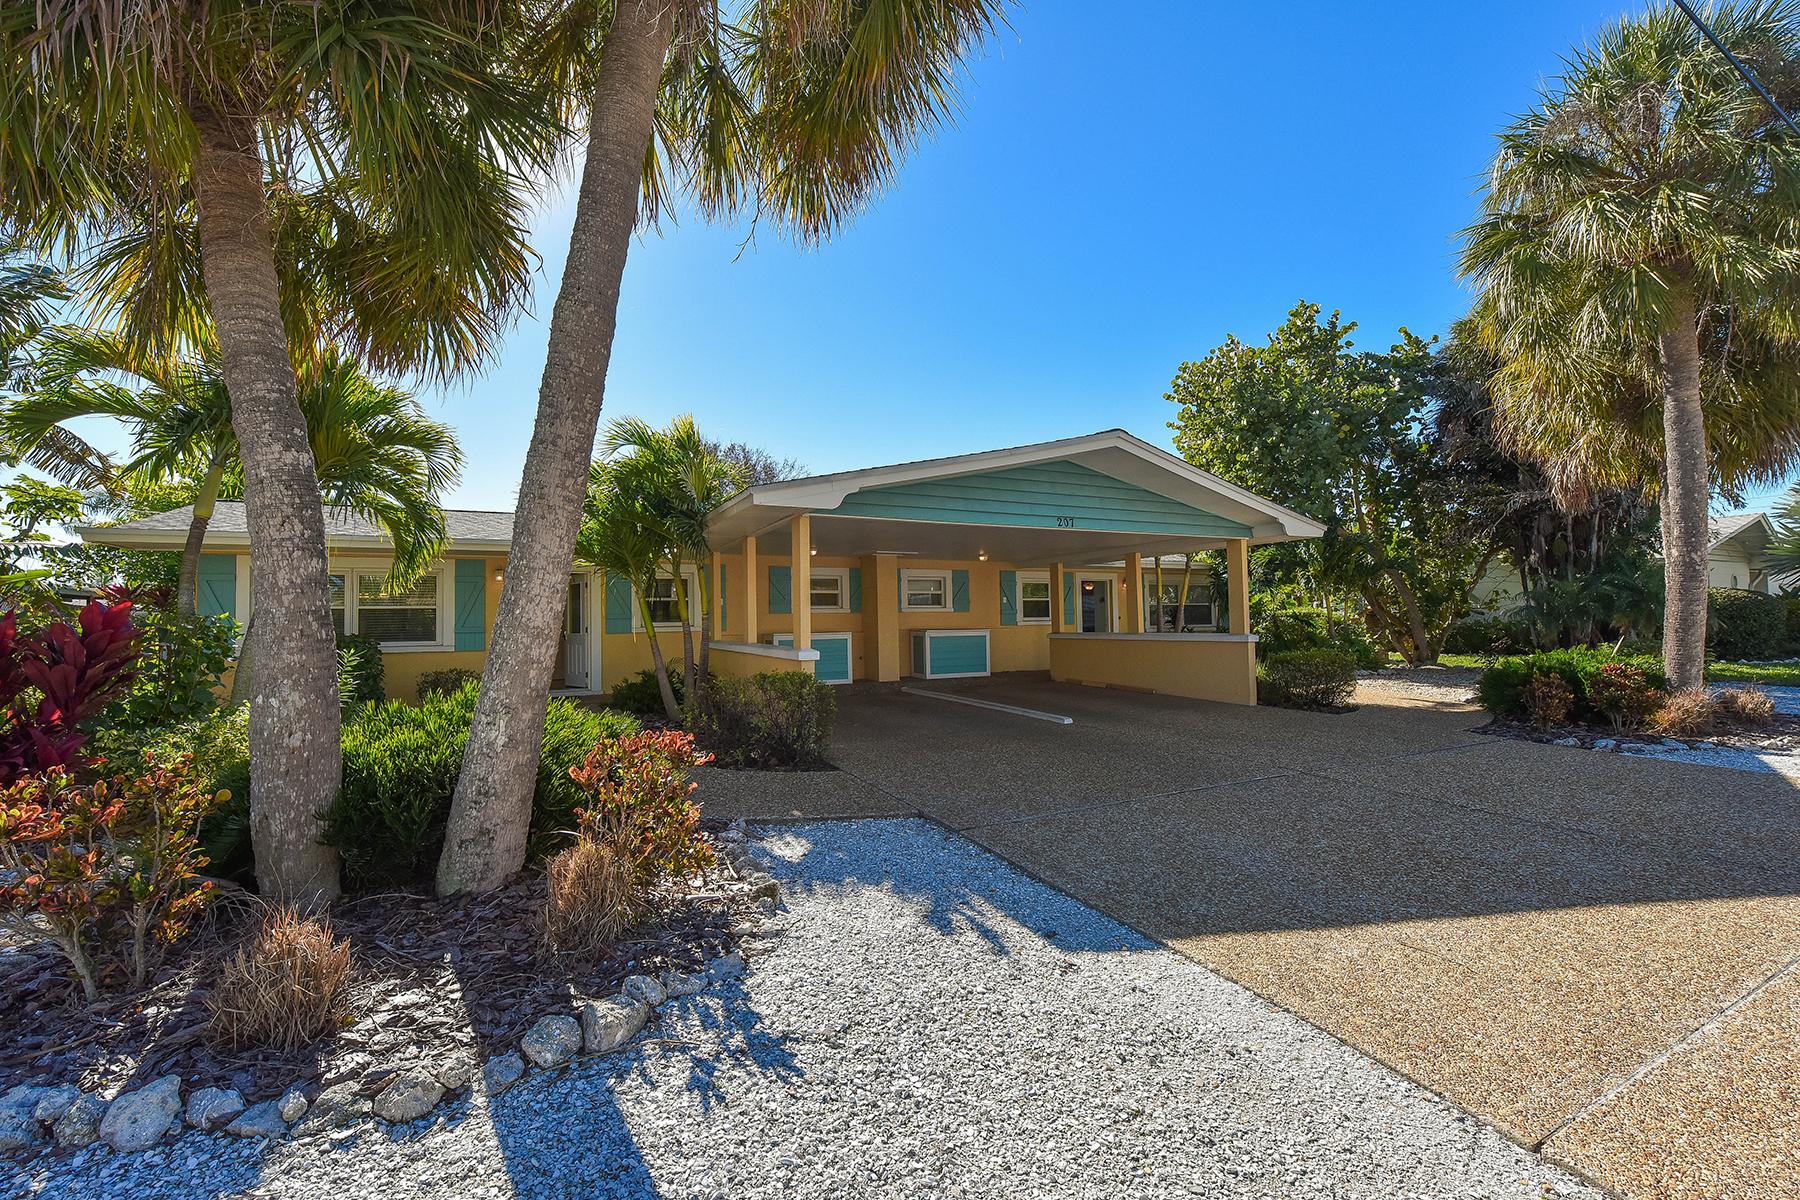 Apartamentos multi-familiares para Venda às HOLMES BEACH 207 70th St Holmes Beach, Florida, 34217 Estados Unidos